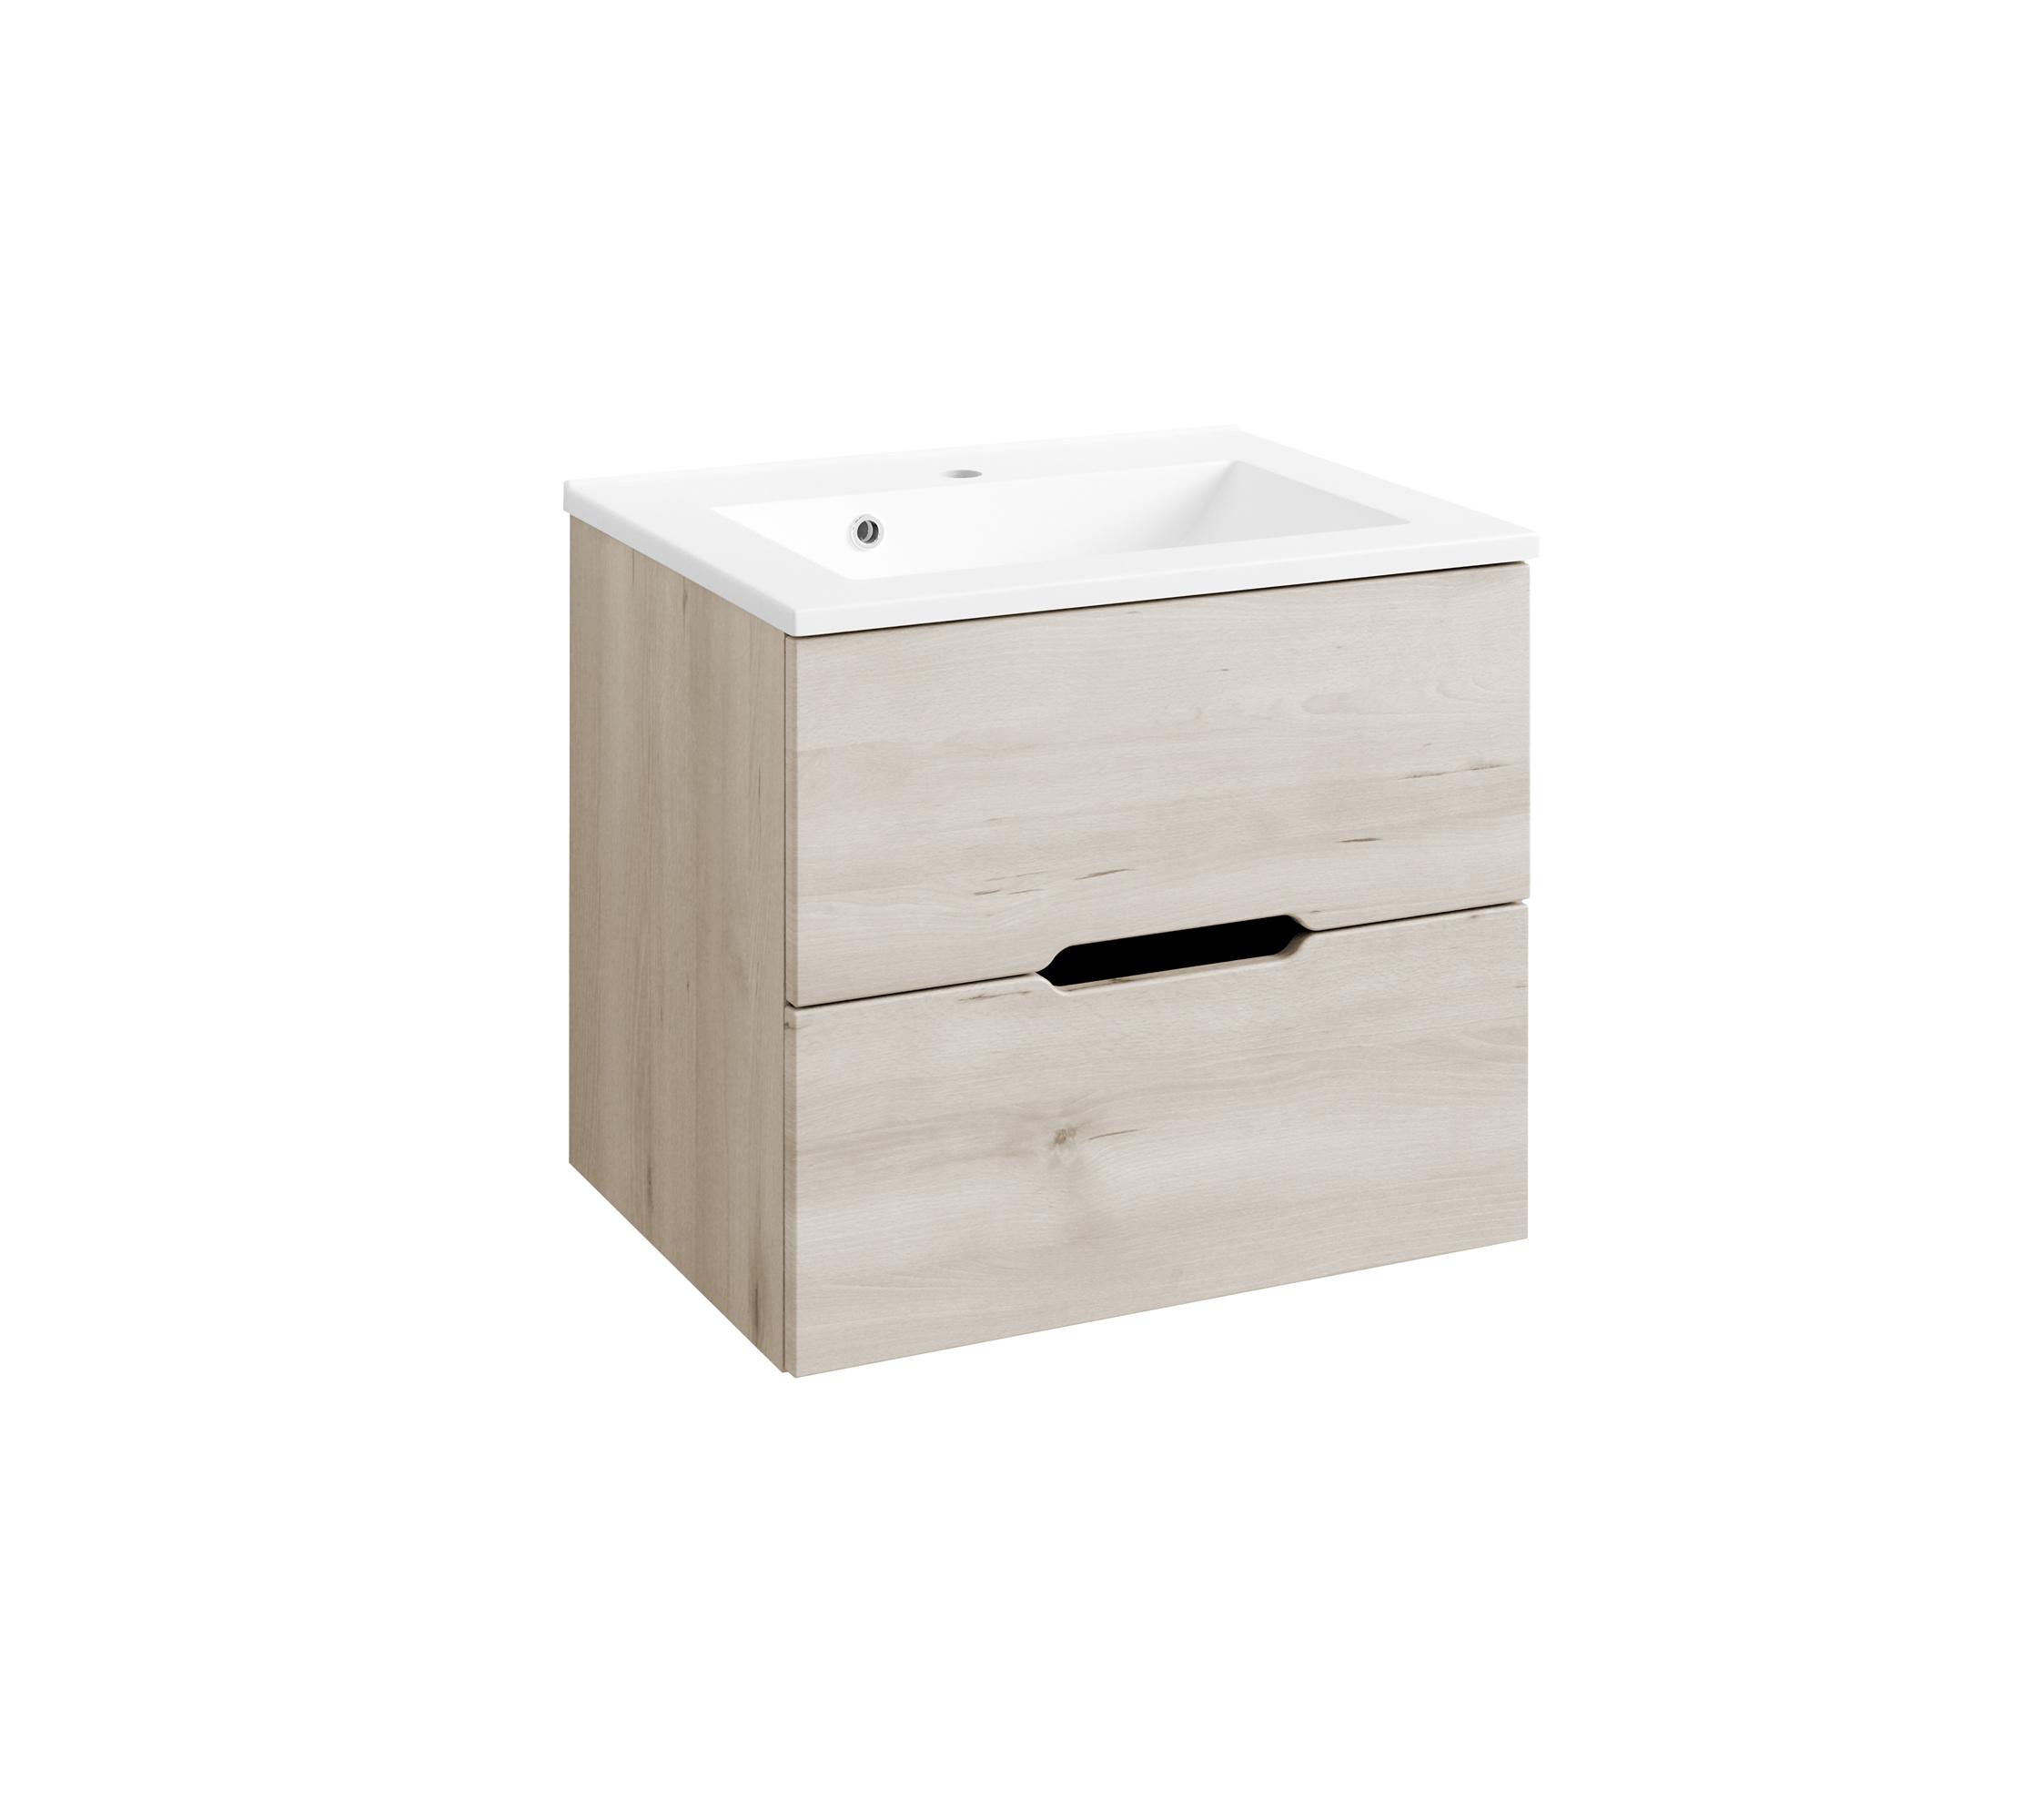 Elegant Möbel Bestpreis Ideen Von Waschtisch 60 Belluno Von Held Möbel Buche